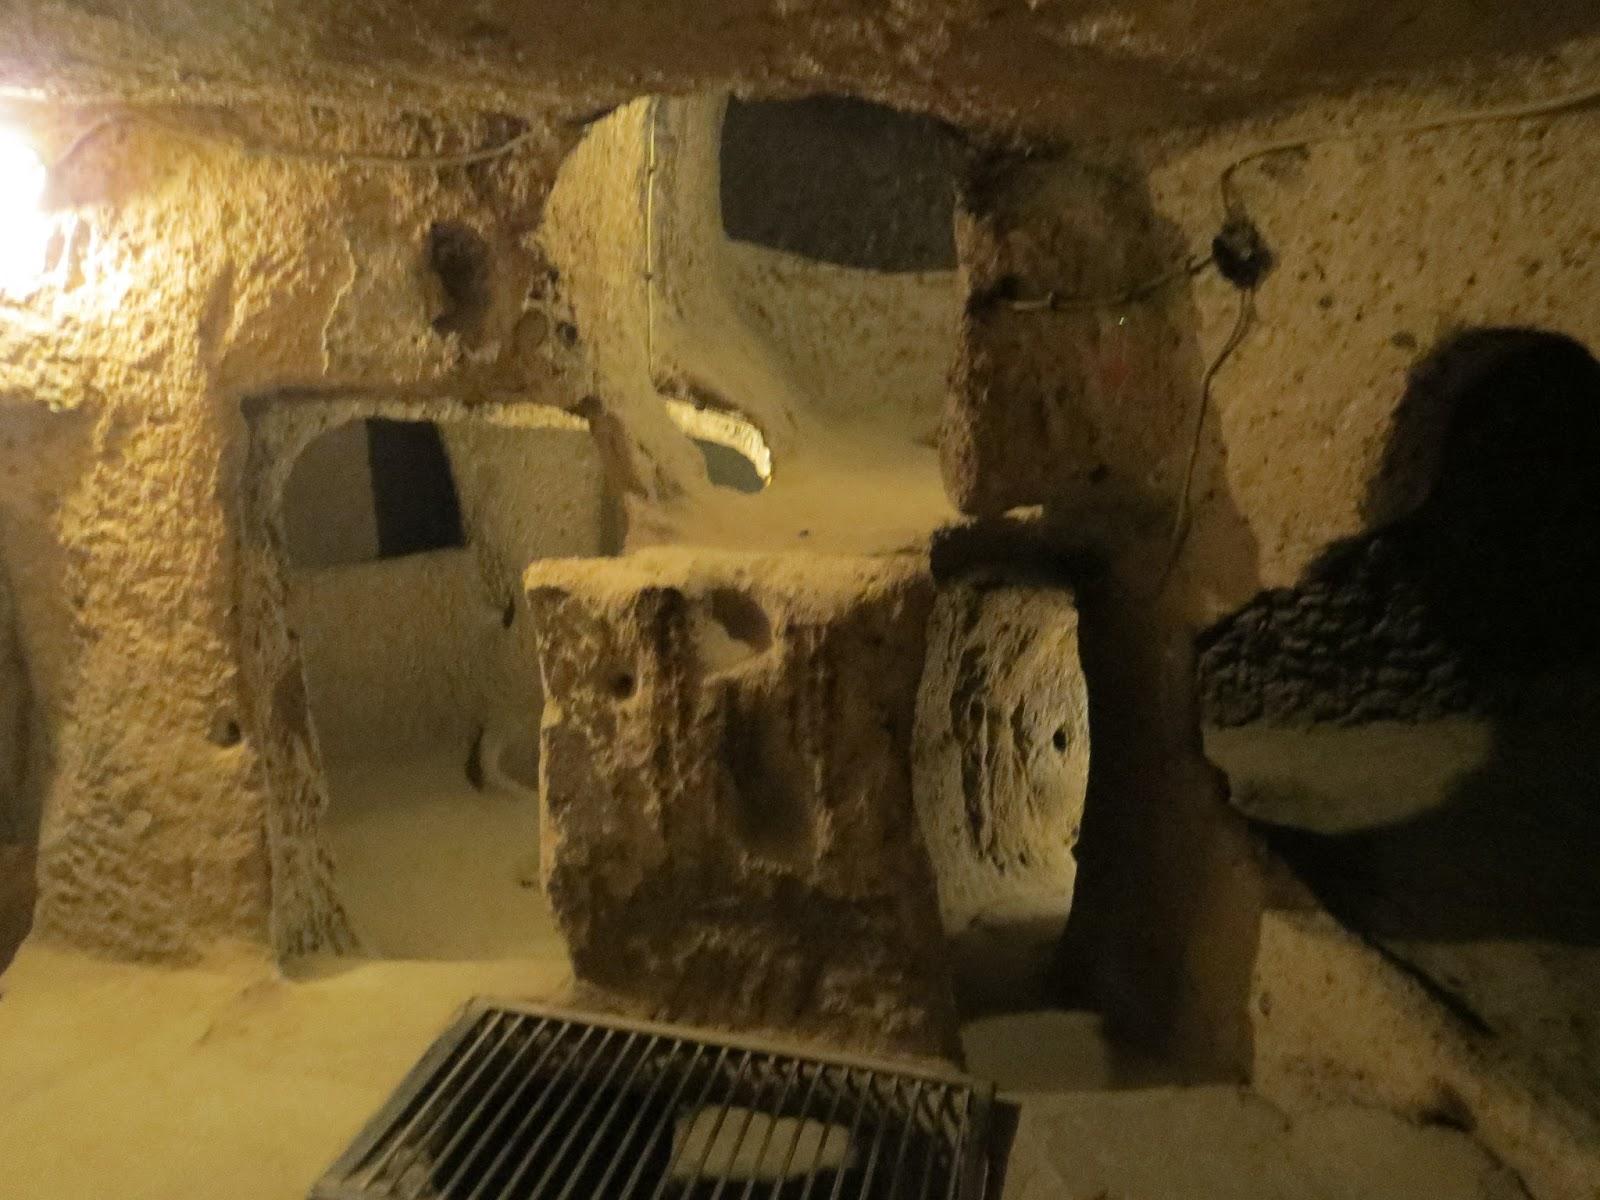 londinoupolis: Kaymakli Underground City, Cappadocia